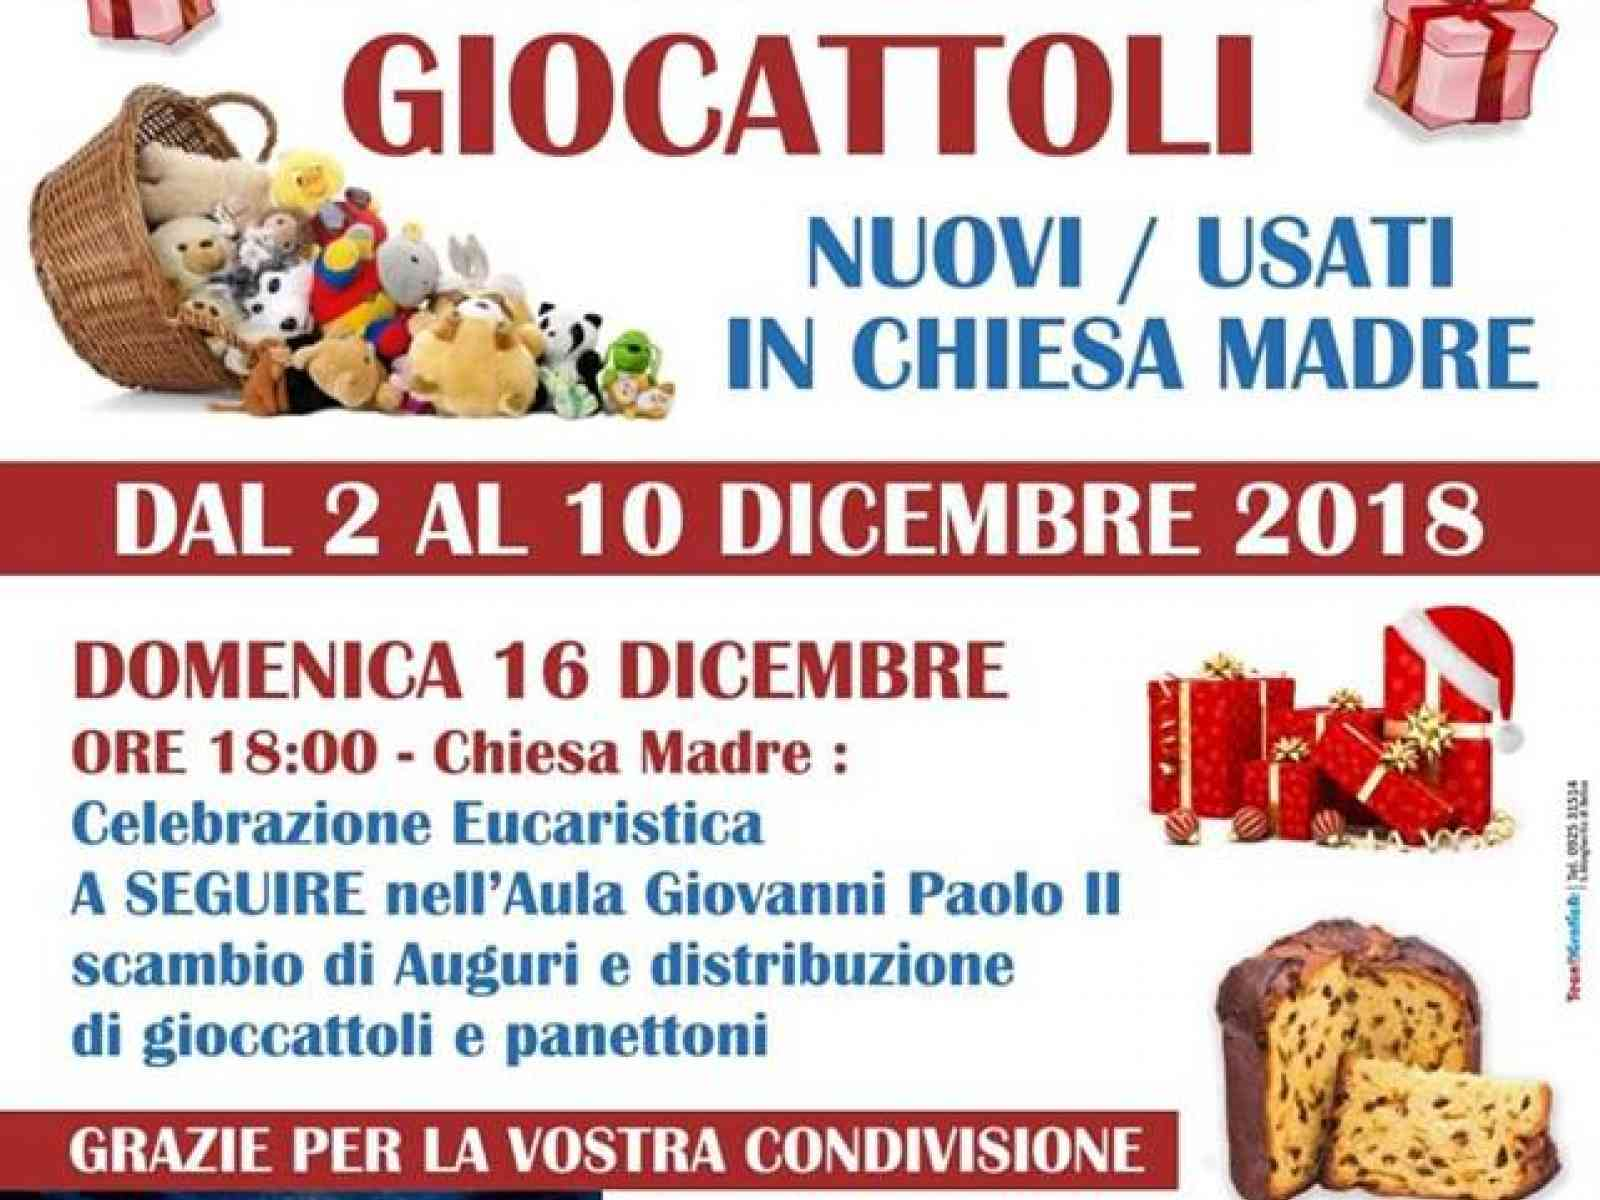 Immagine articolo: Santa Margherita di Belice, dal 2 Dicembre via a raccolta giocattoli nuovi o usati